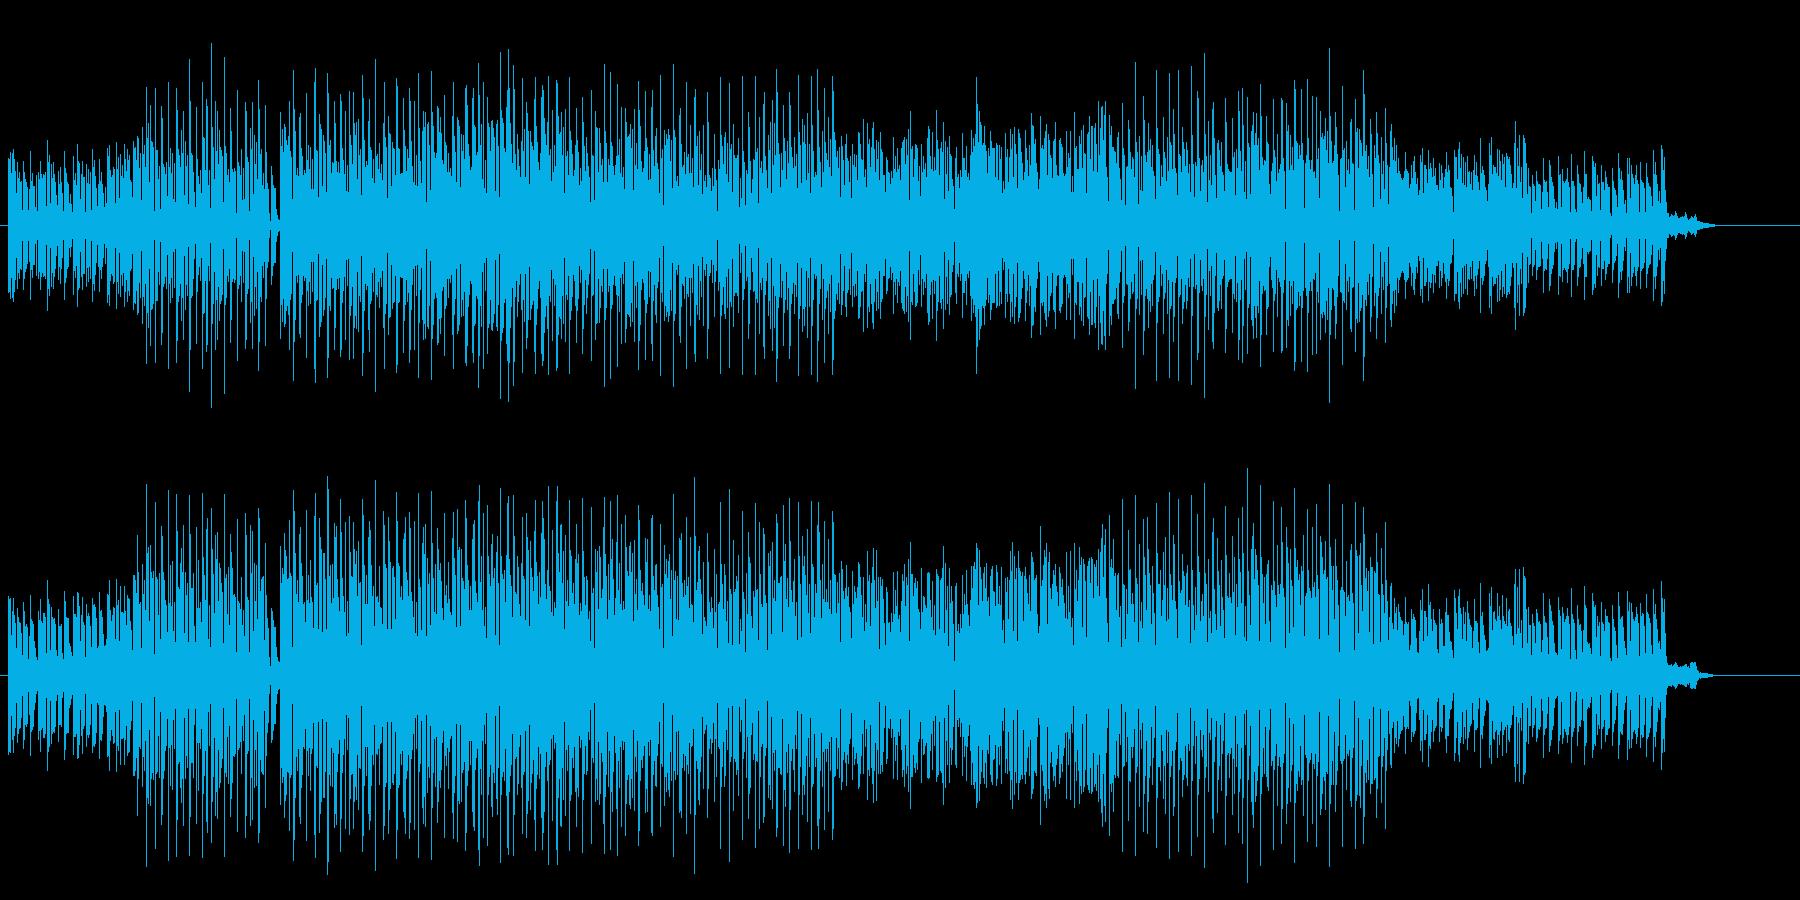 ハードボイルドなテクノサウンドの再生済みの波形